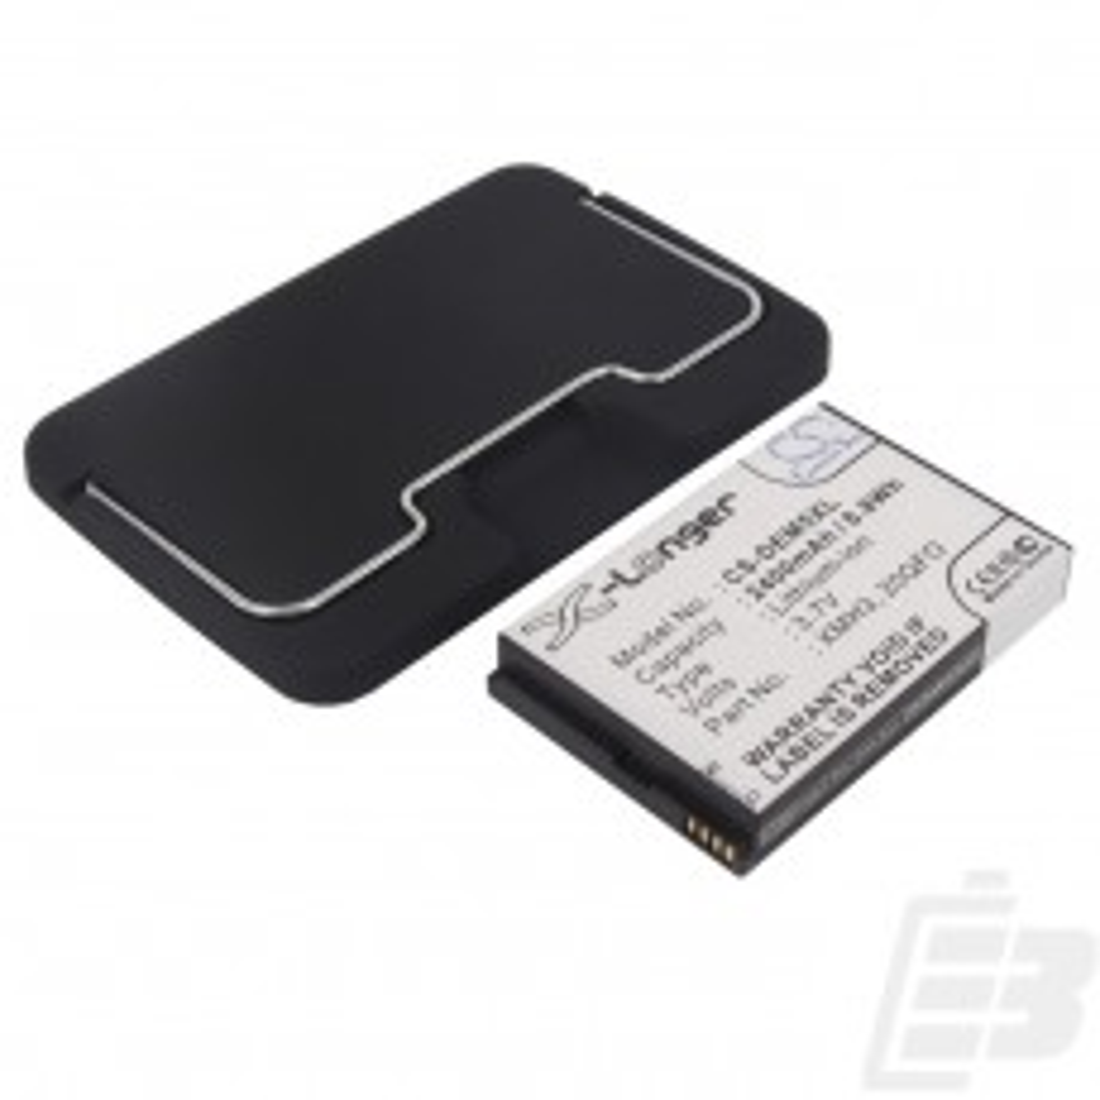 Smartphone battery Dell Streak Mini 5 extended_1